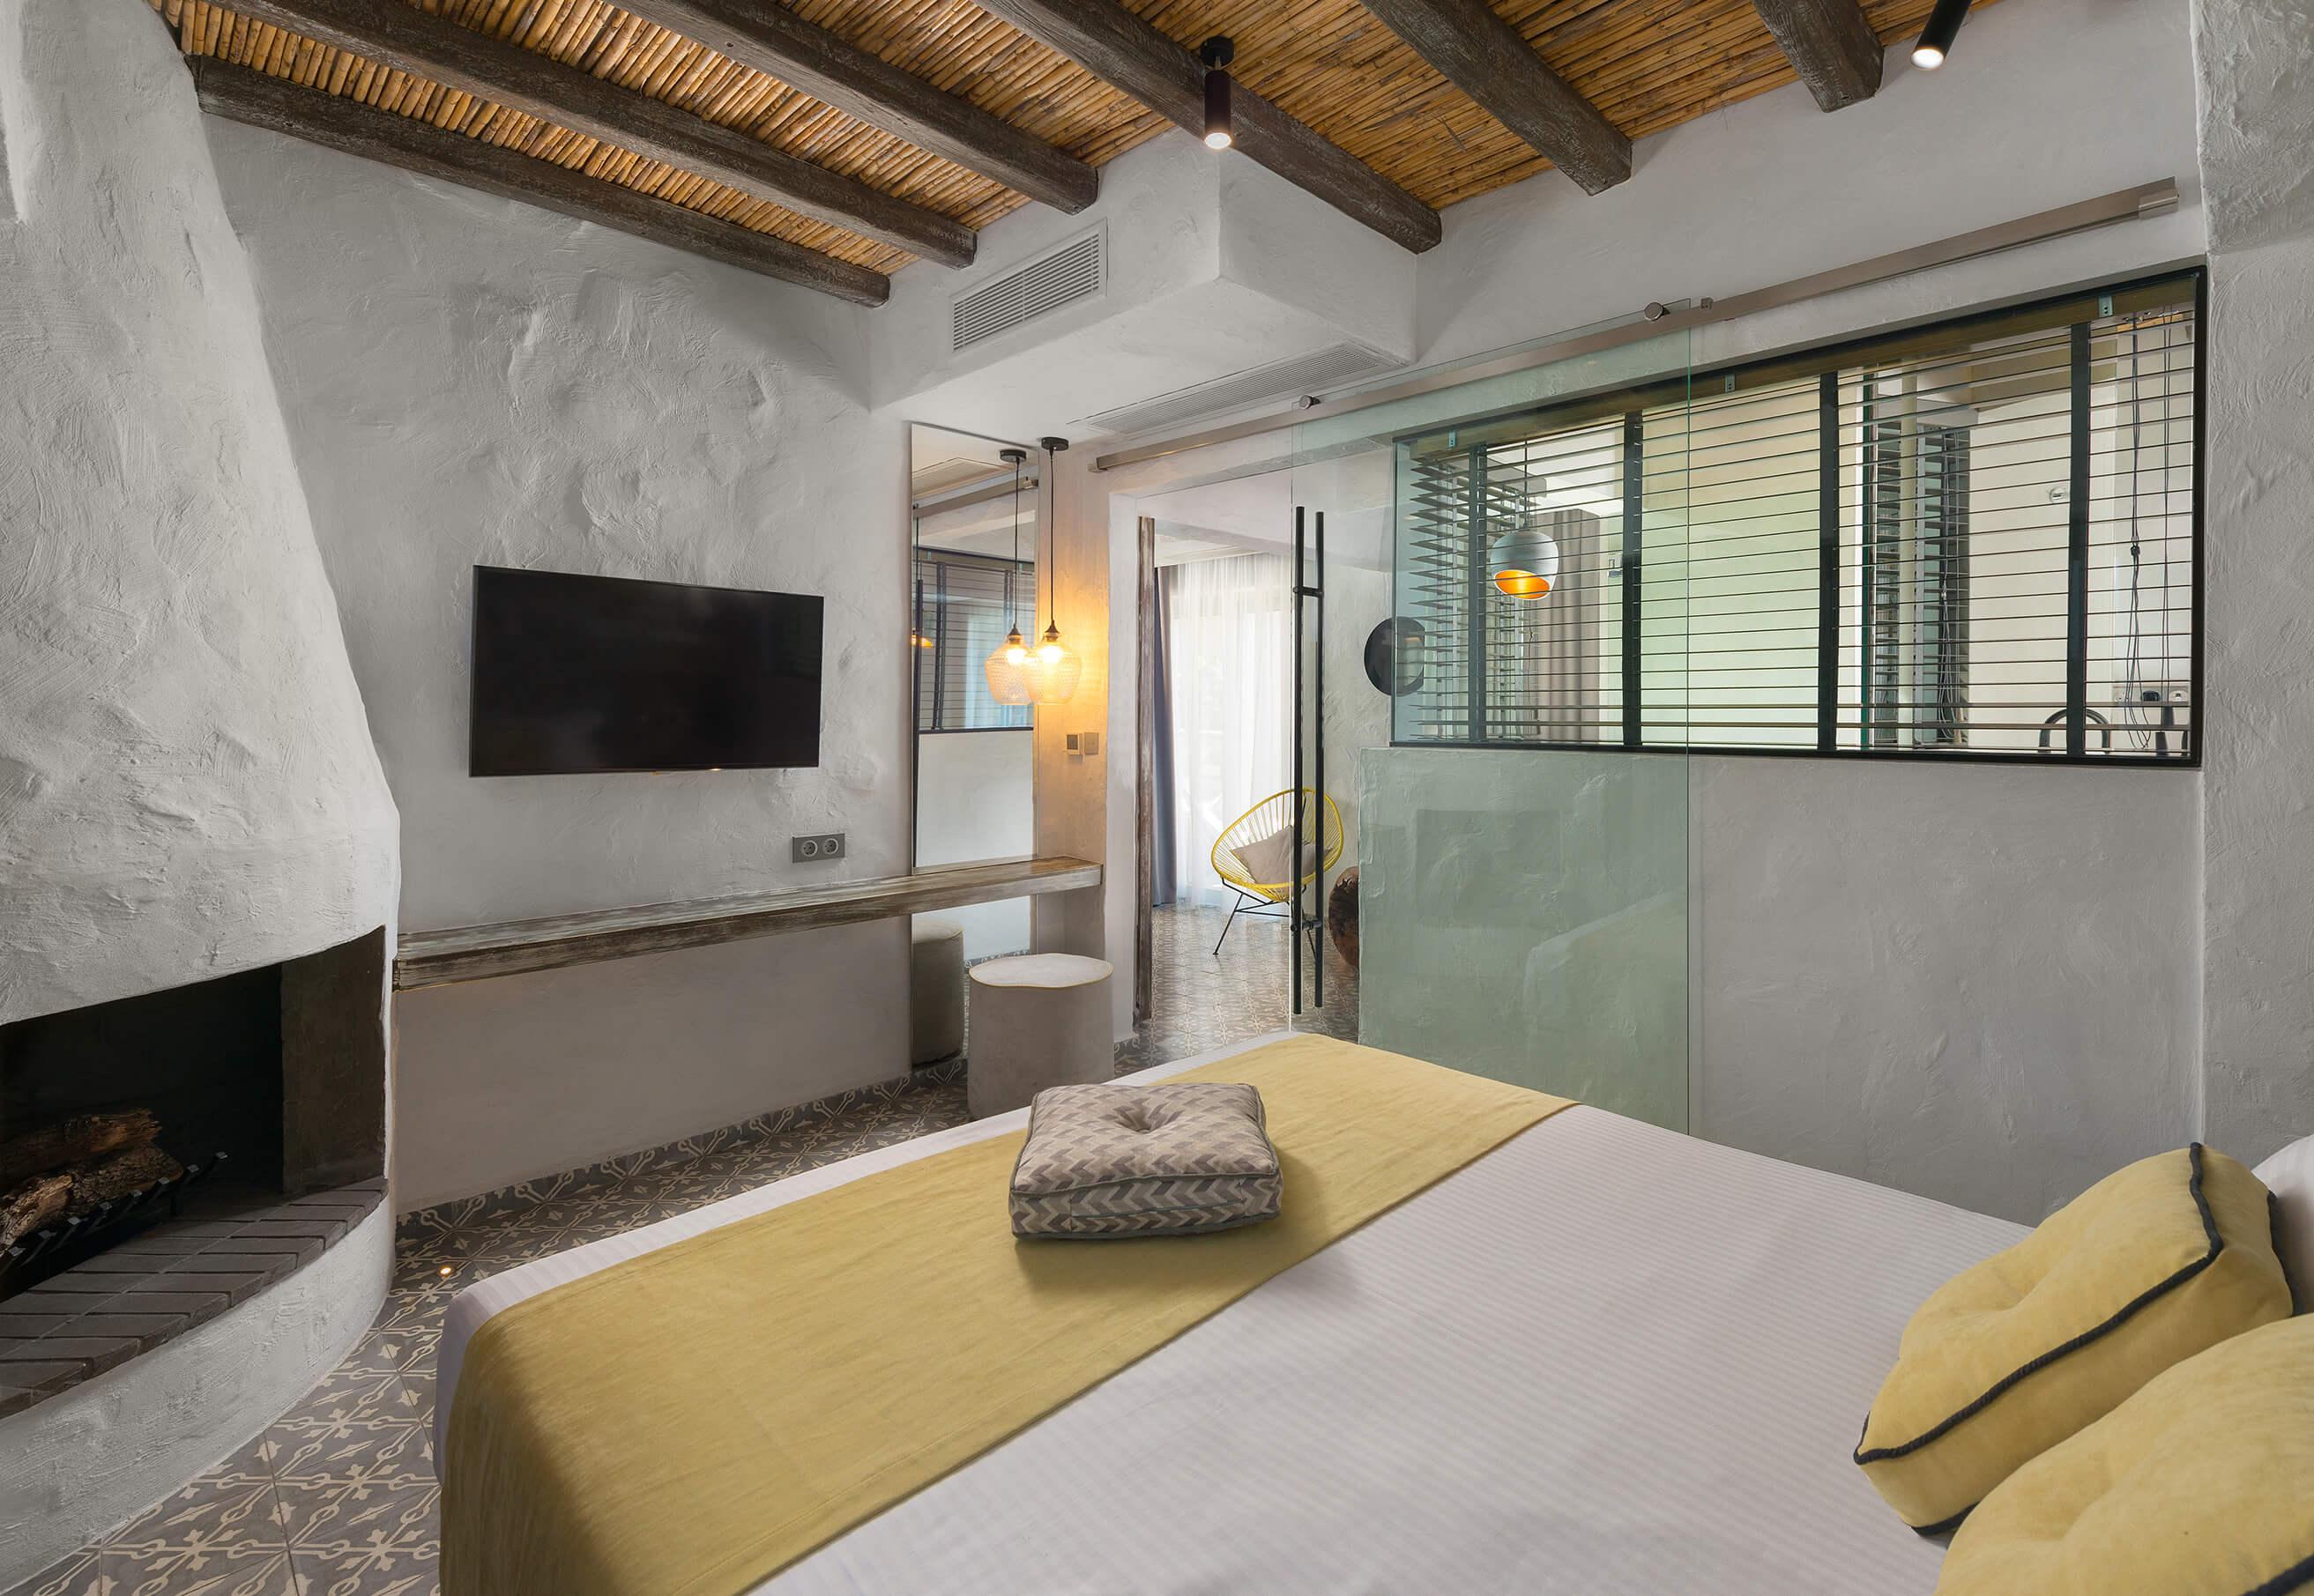 Helios Hotel Suite - Elakati Hotel in Rhodes